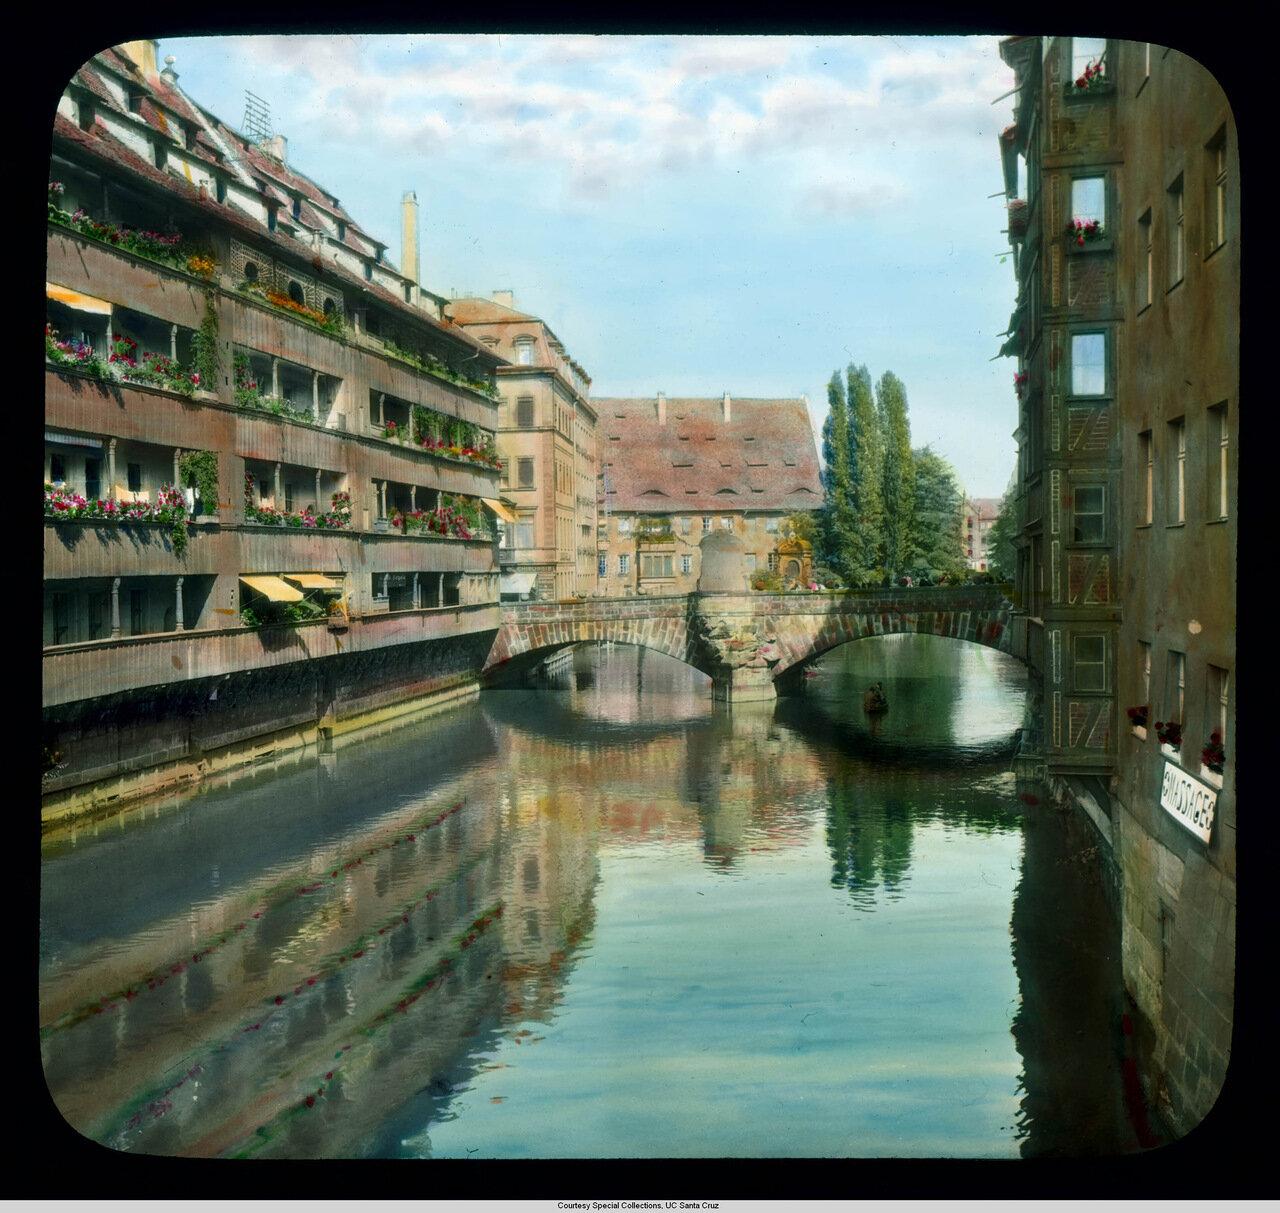 Нюрнберг. Река Пегниц и Музейный мост (1700; перестроен в 1954)